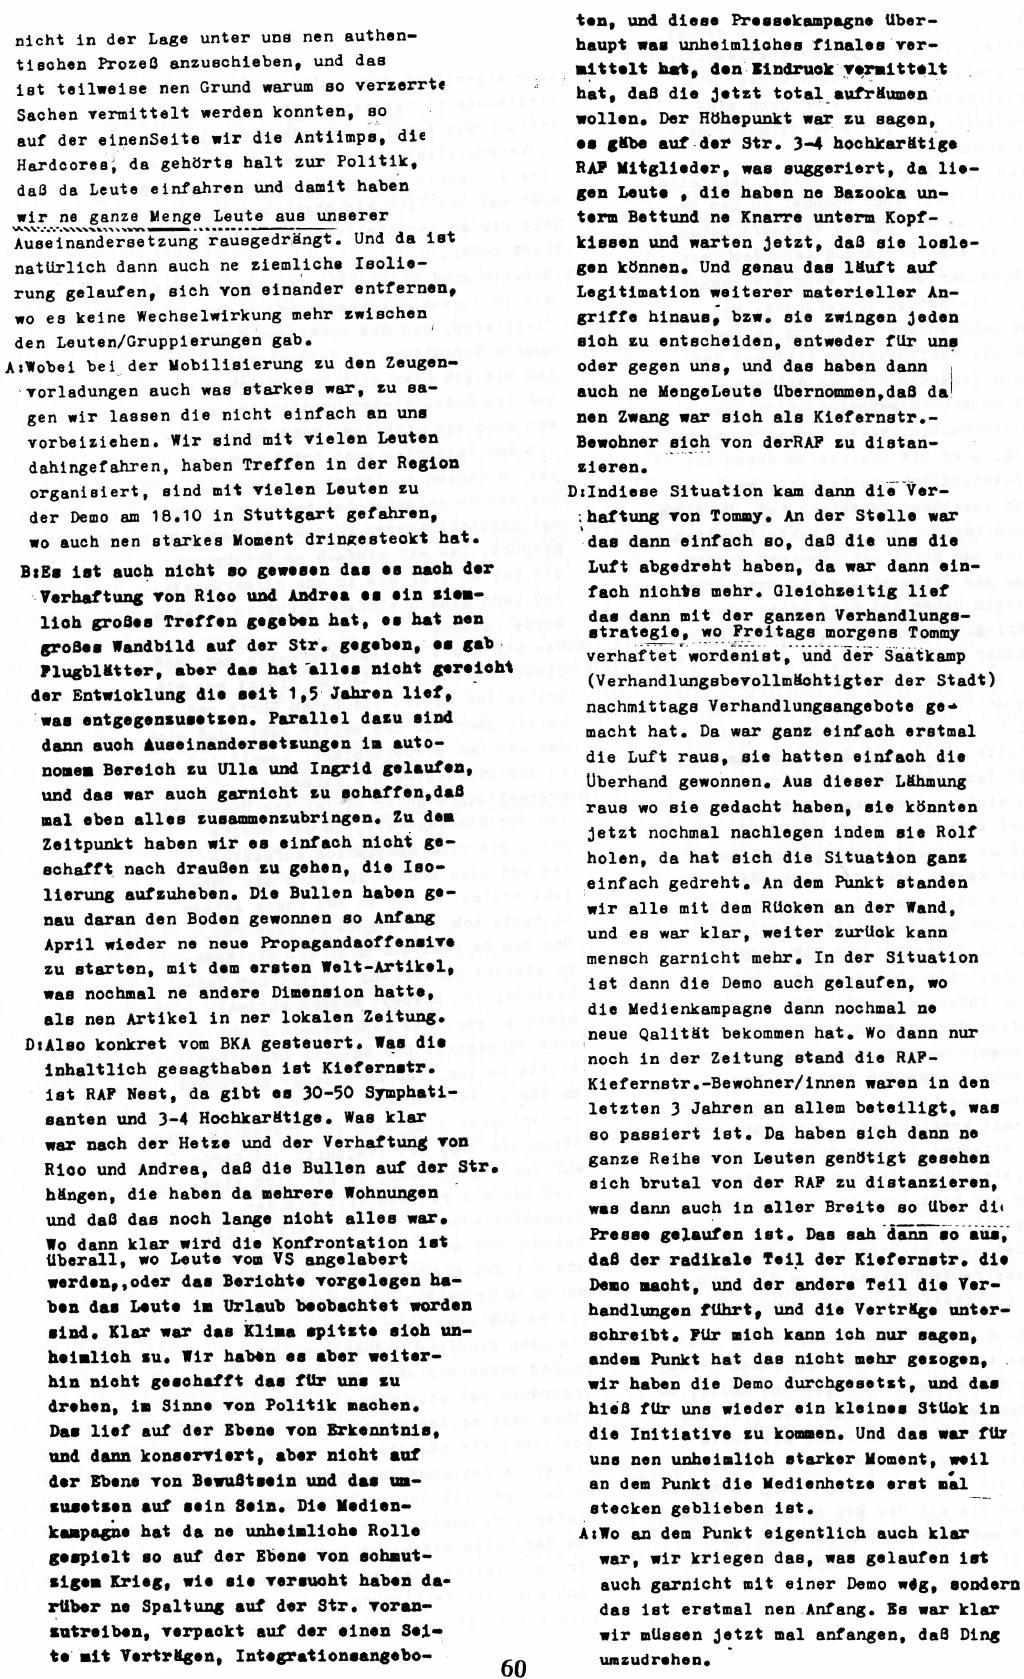 Duesseldorf_1989_Sechs_Politische_Gefangene_060